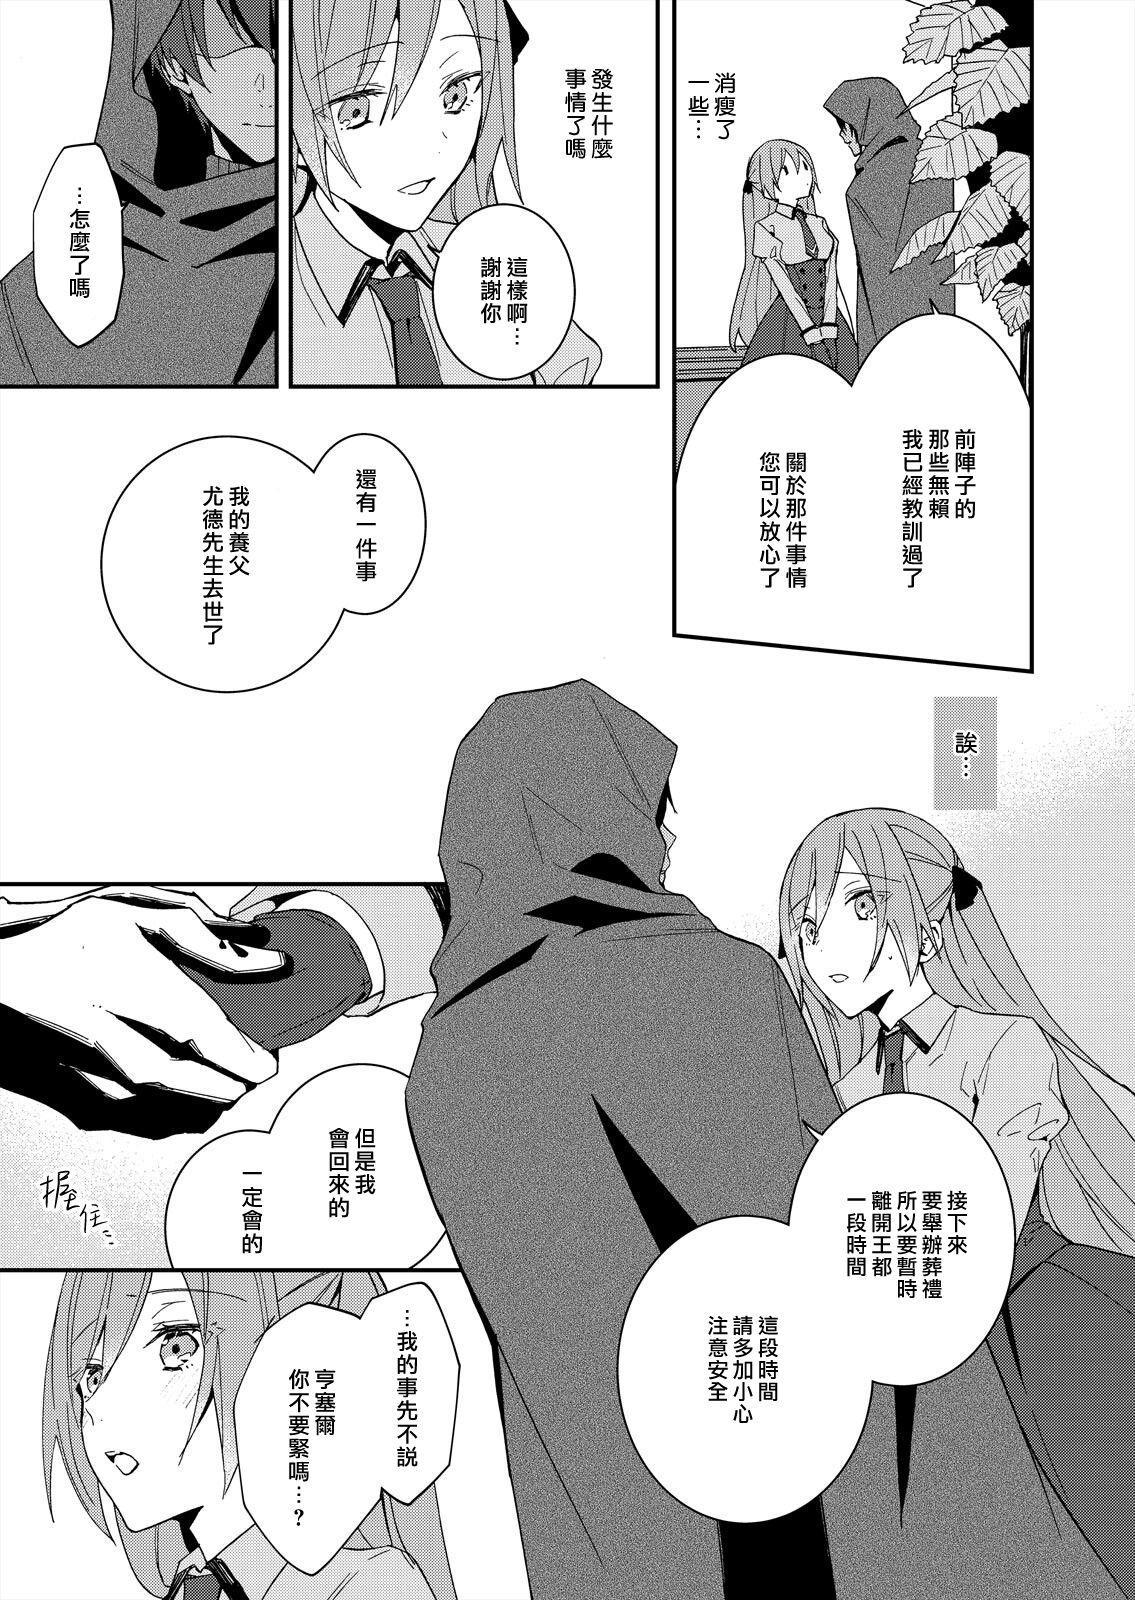 [Yuzushiwo] Akuyaku Reijou wa Ichizu ni Dekiai sarete ~Noumitsu Sex no Aite wa Juuboku~ | 被疯狂溺爱的反派大小姐~浓密性爱对象是仆从~ 1-5 [Chinese] [莉赛特汉化组] 120